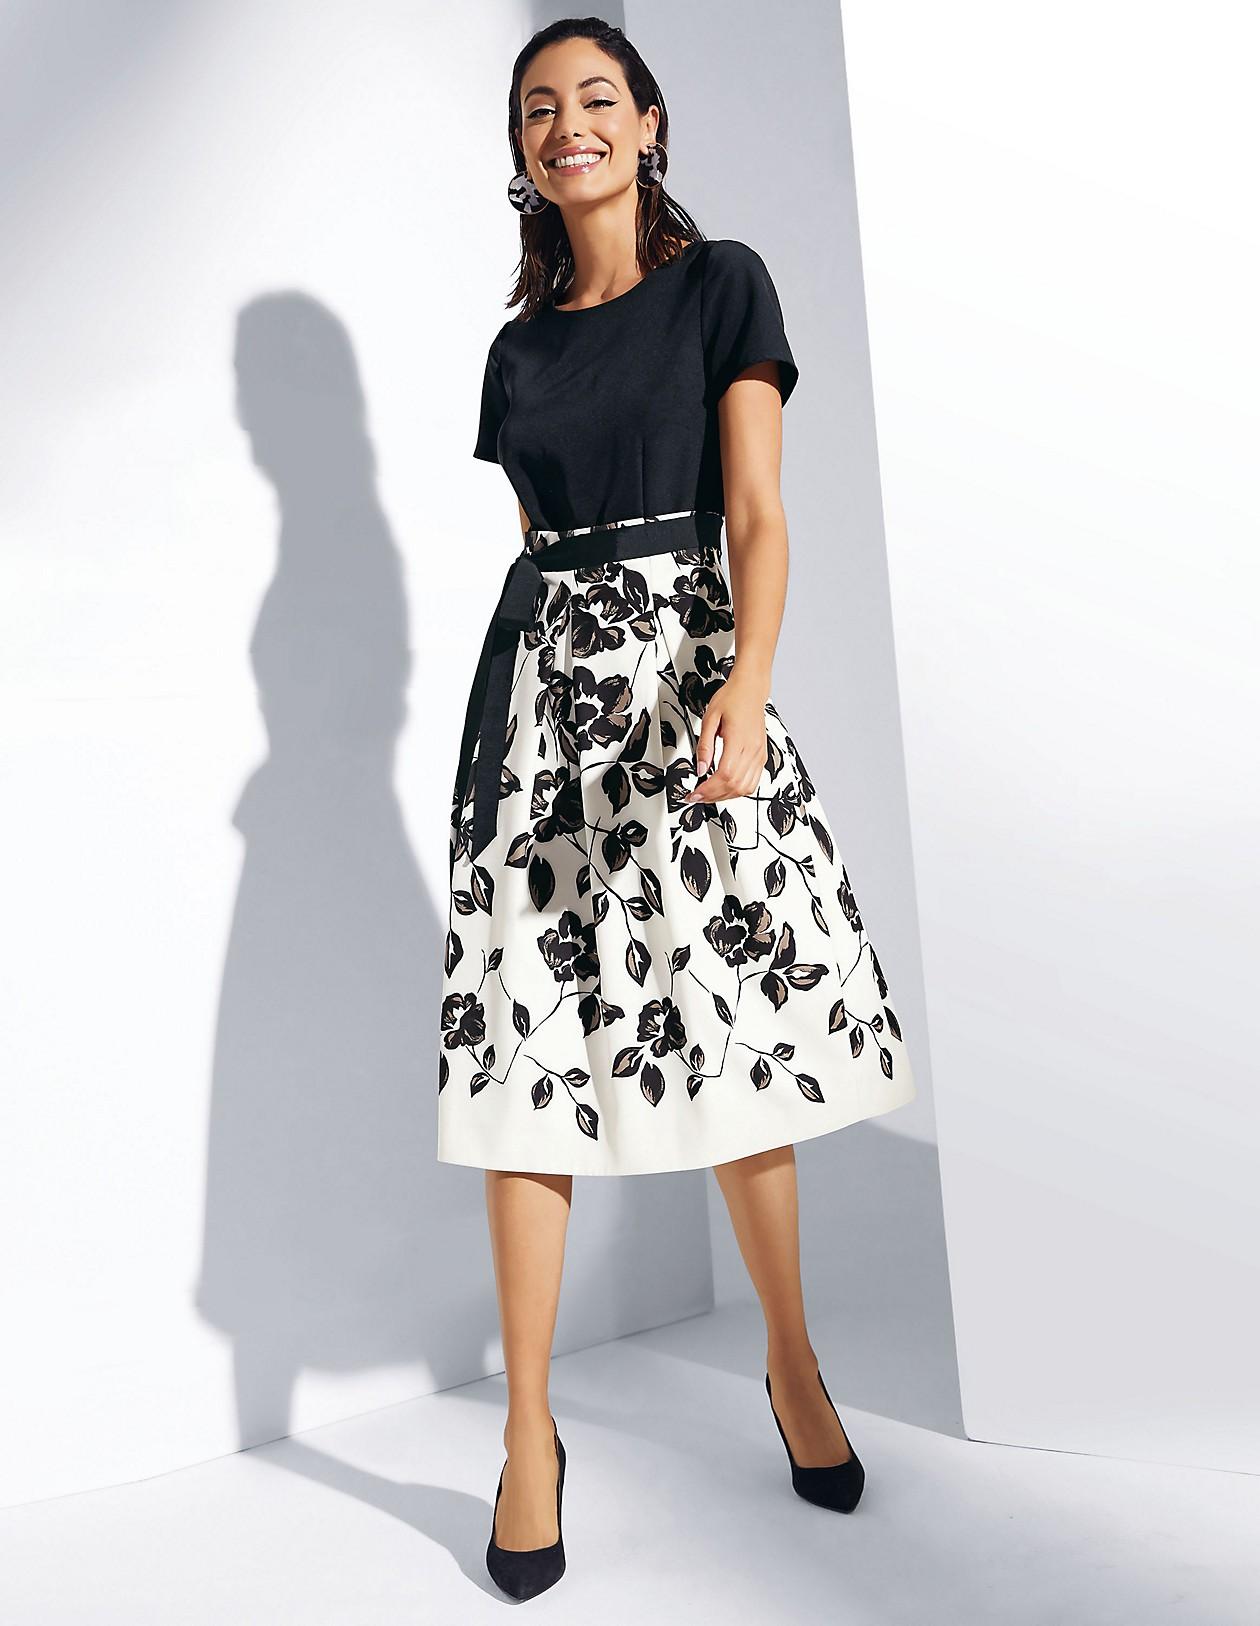 Kurzarm-Kleid im Zweiteiler-Look, schwarz/wollweiß/caramel